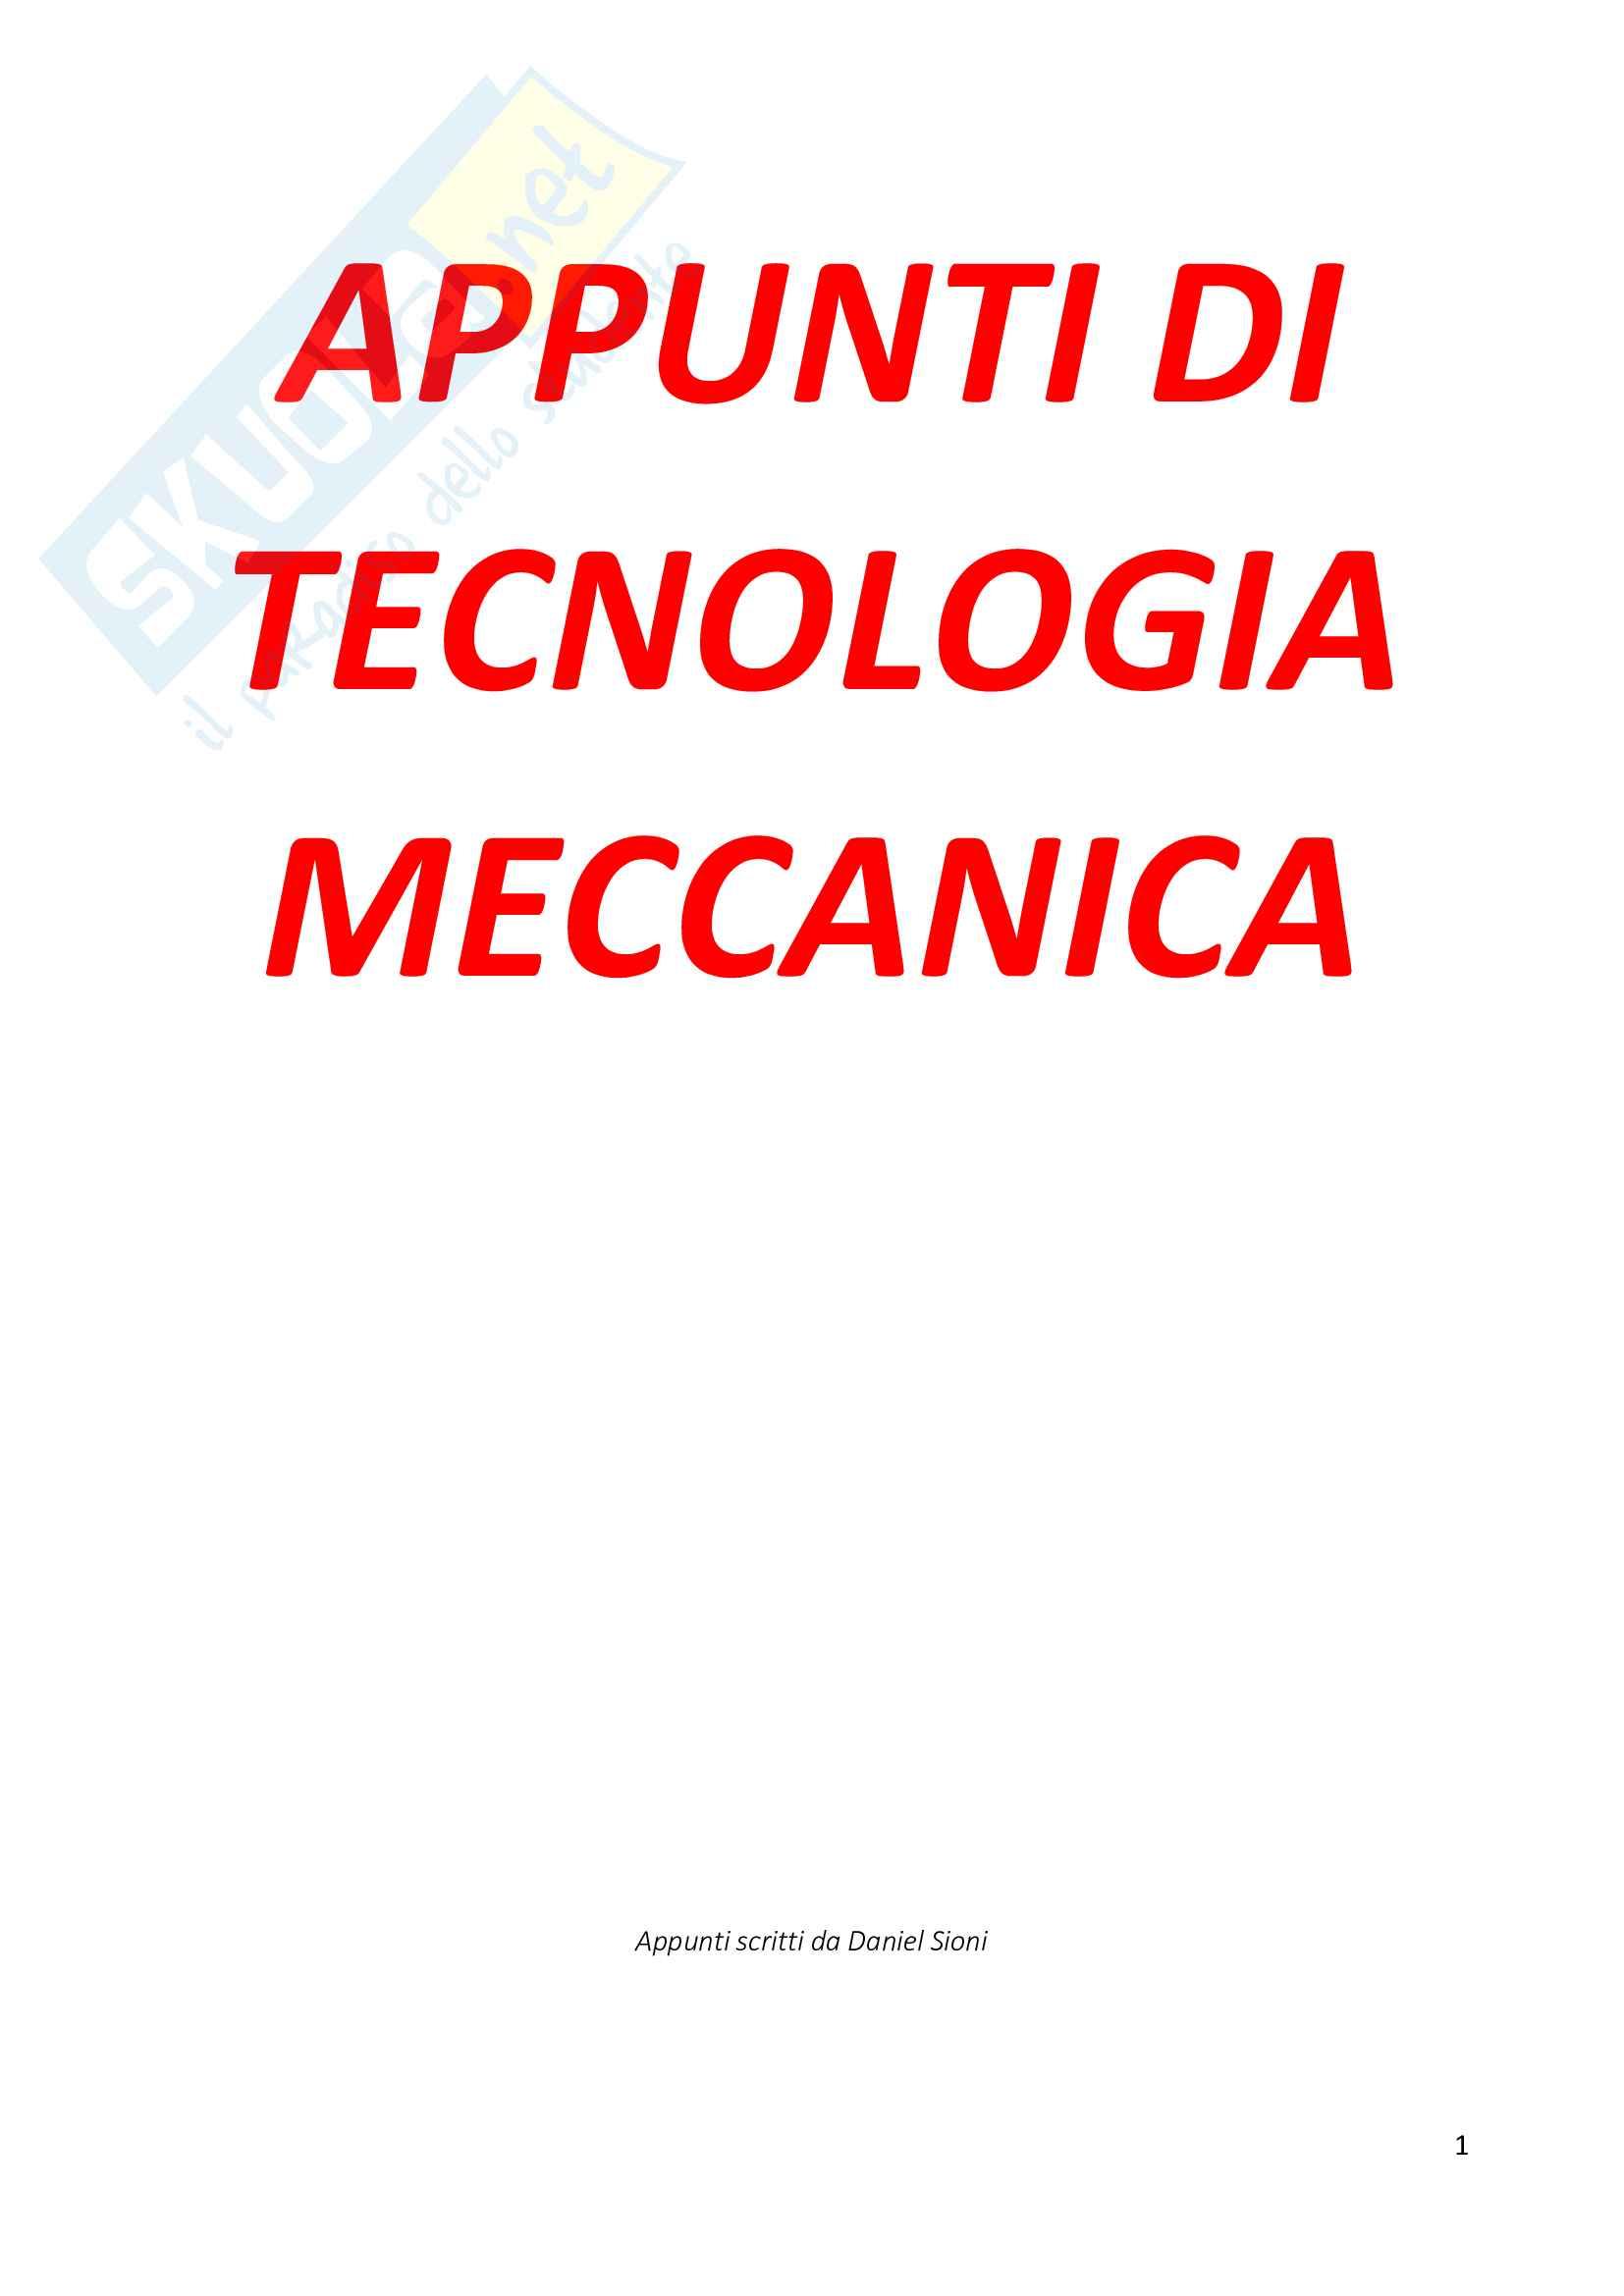 Appunti di Tecnologia Meccanica 1